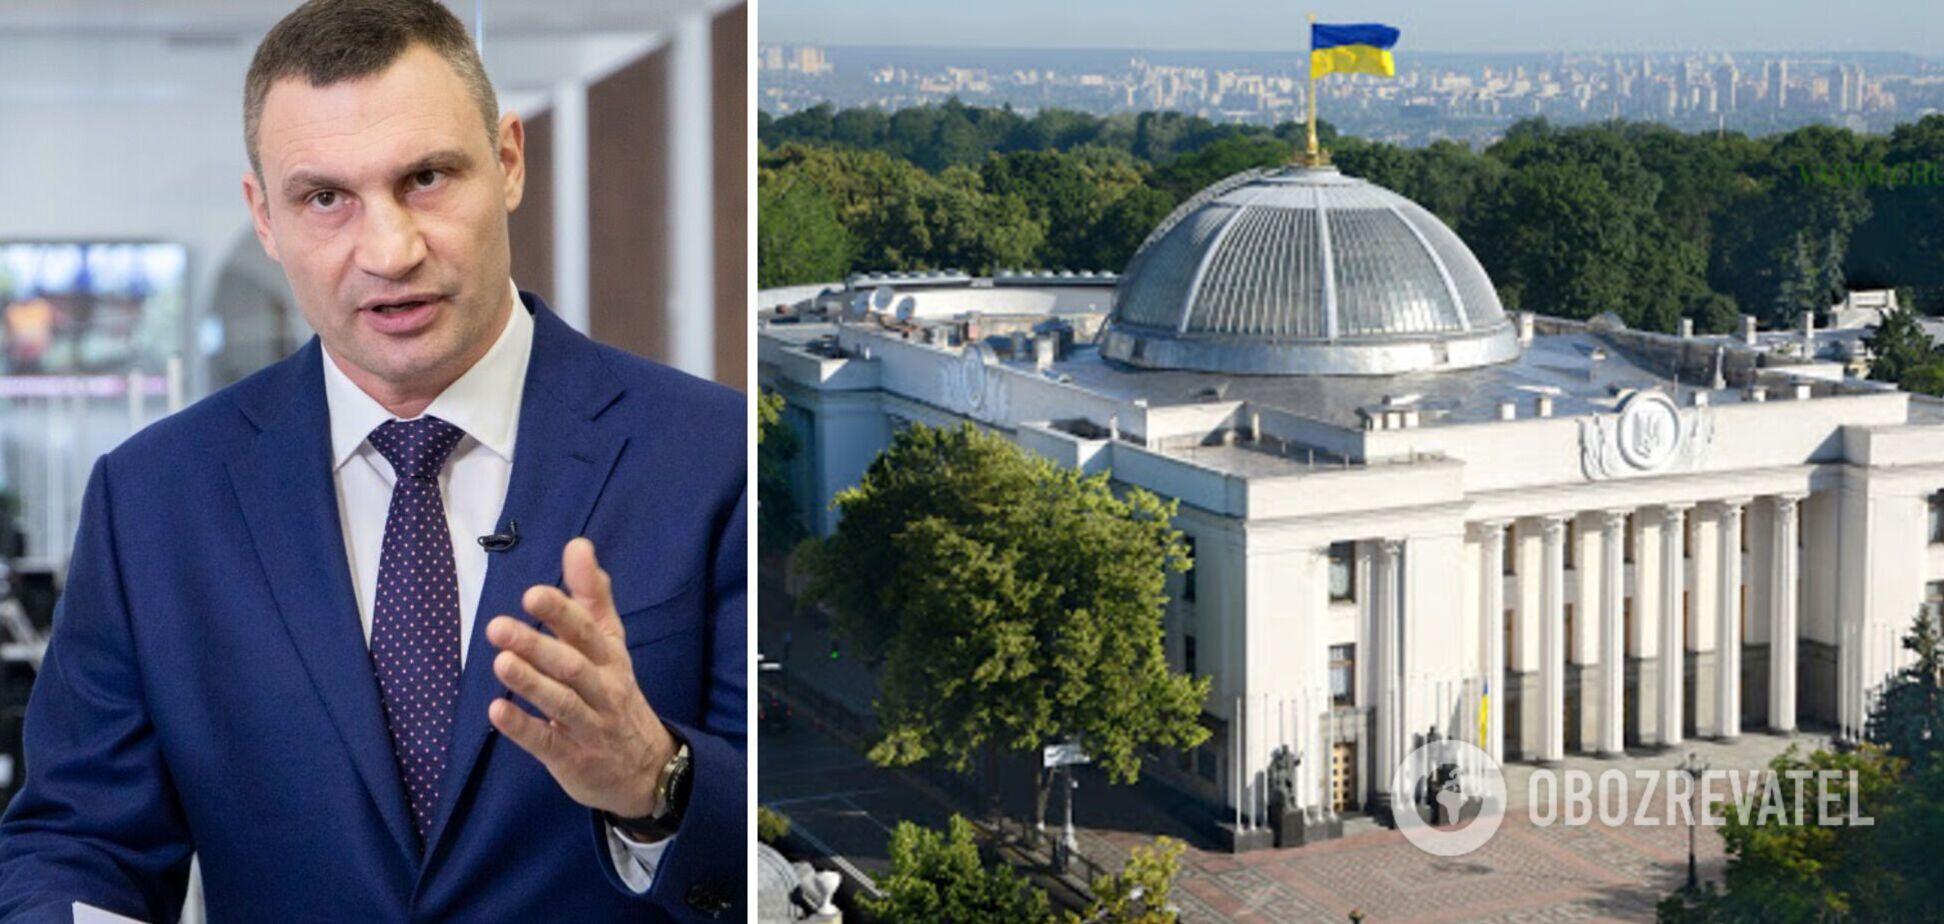 Кличко обратился к Раде из-за ситуации вокруг Гостиного двора и усадьбы Сикорского